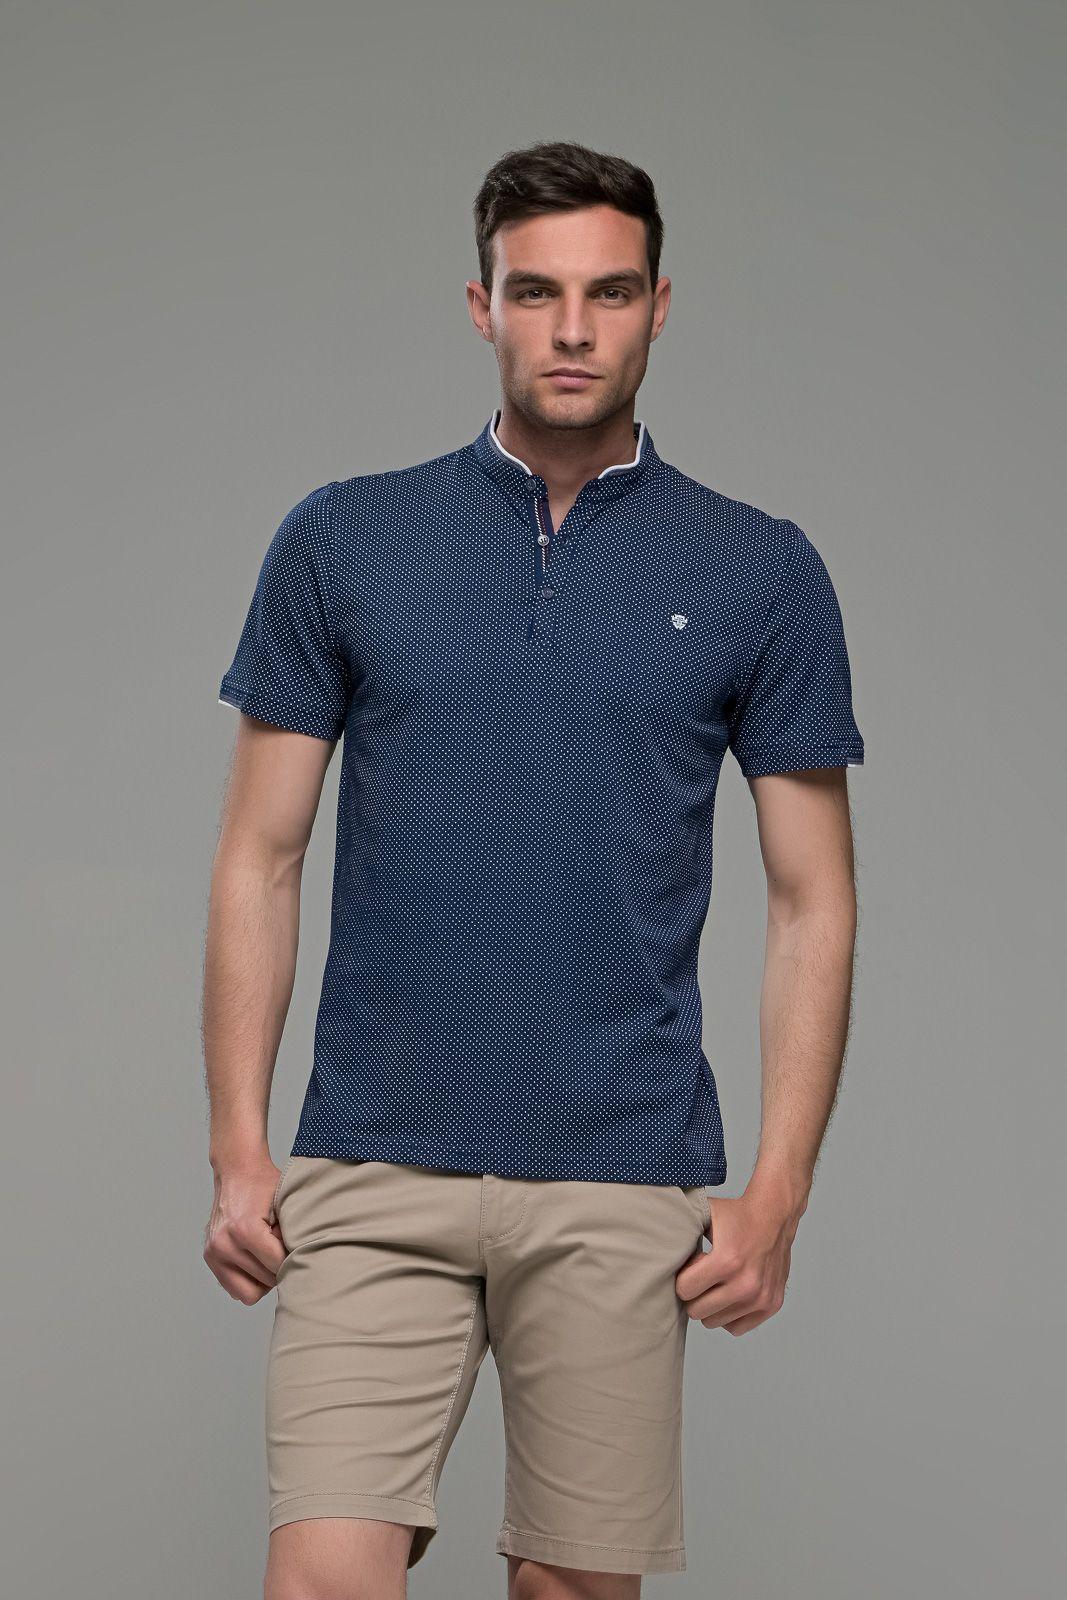 Μαο μπλε Ανδρικό Πόλο Μπλουζάκι με Λευκό Μικροσχέδιο skim fit εύκολο σίδερο κάθε μέρα